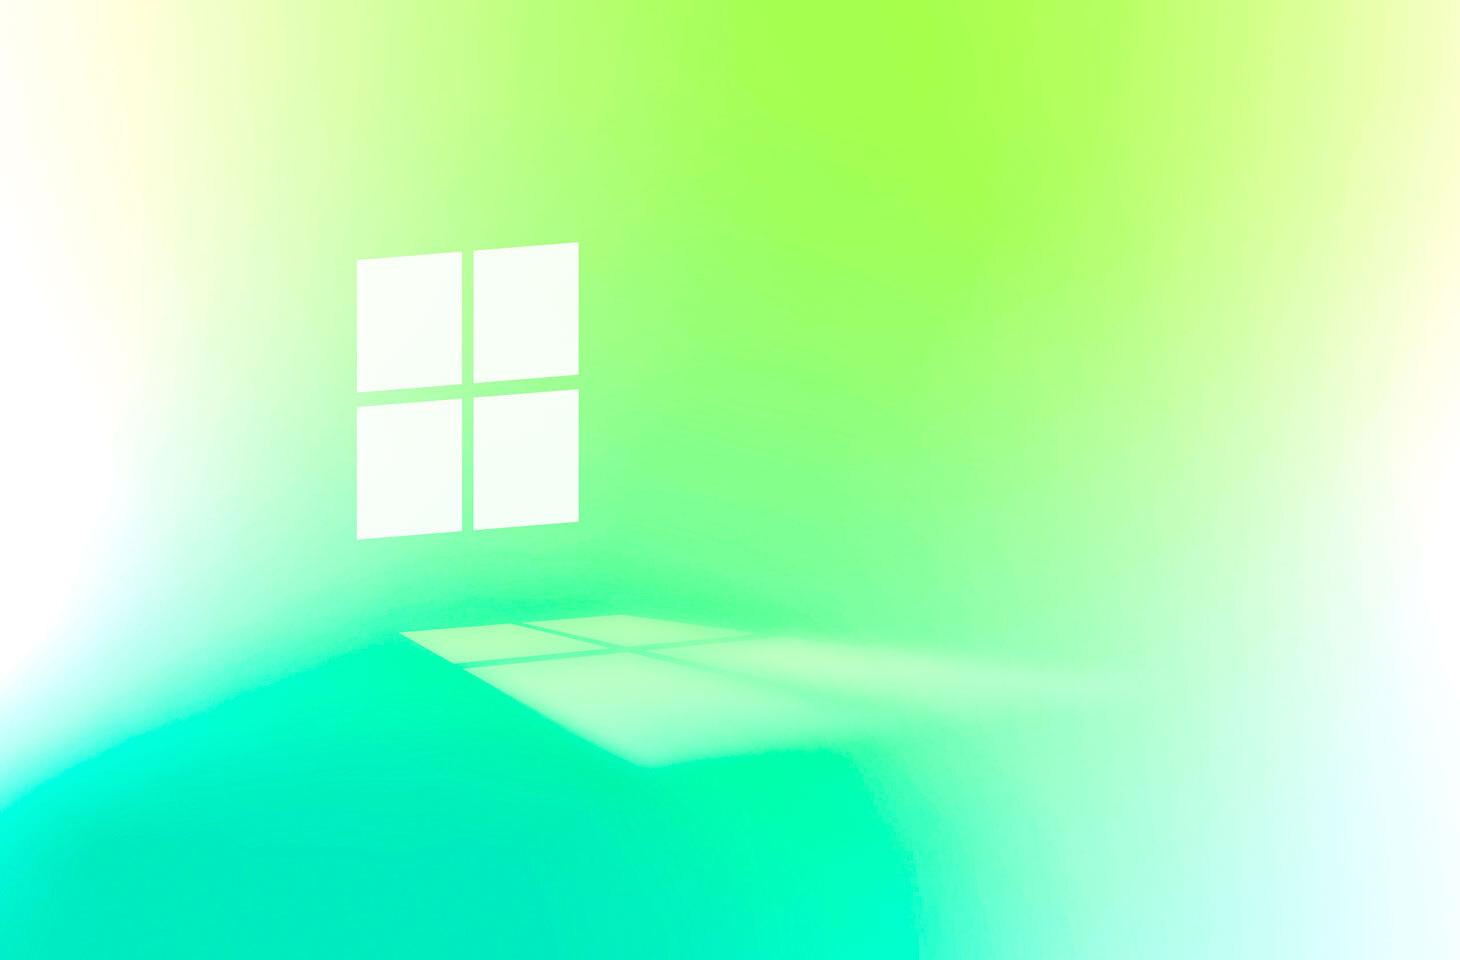 Как безопасно скачать и установить Windows 11 | Блог Касперского